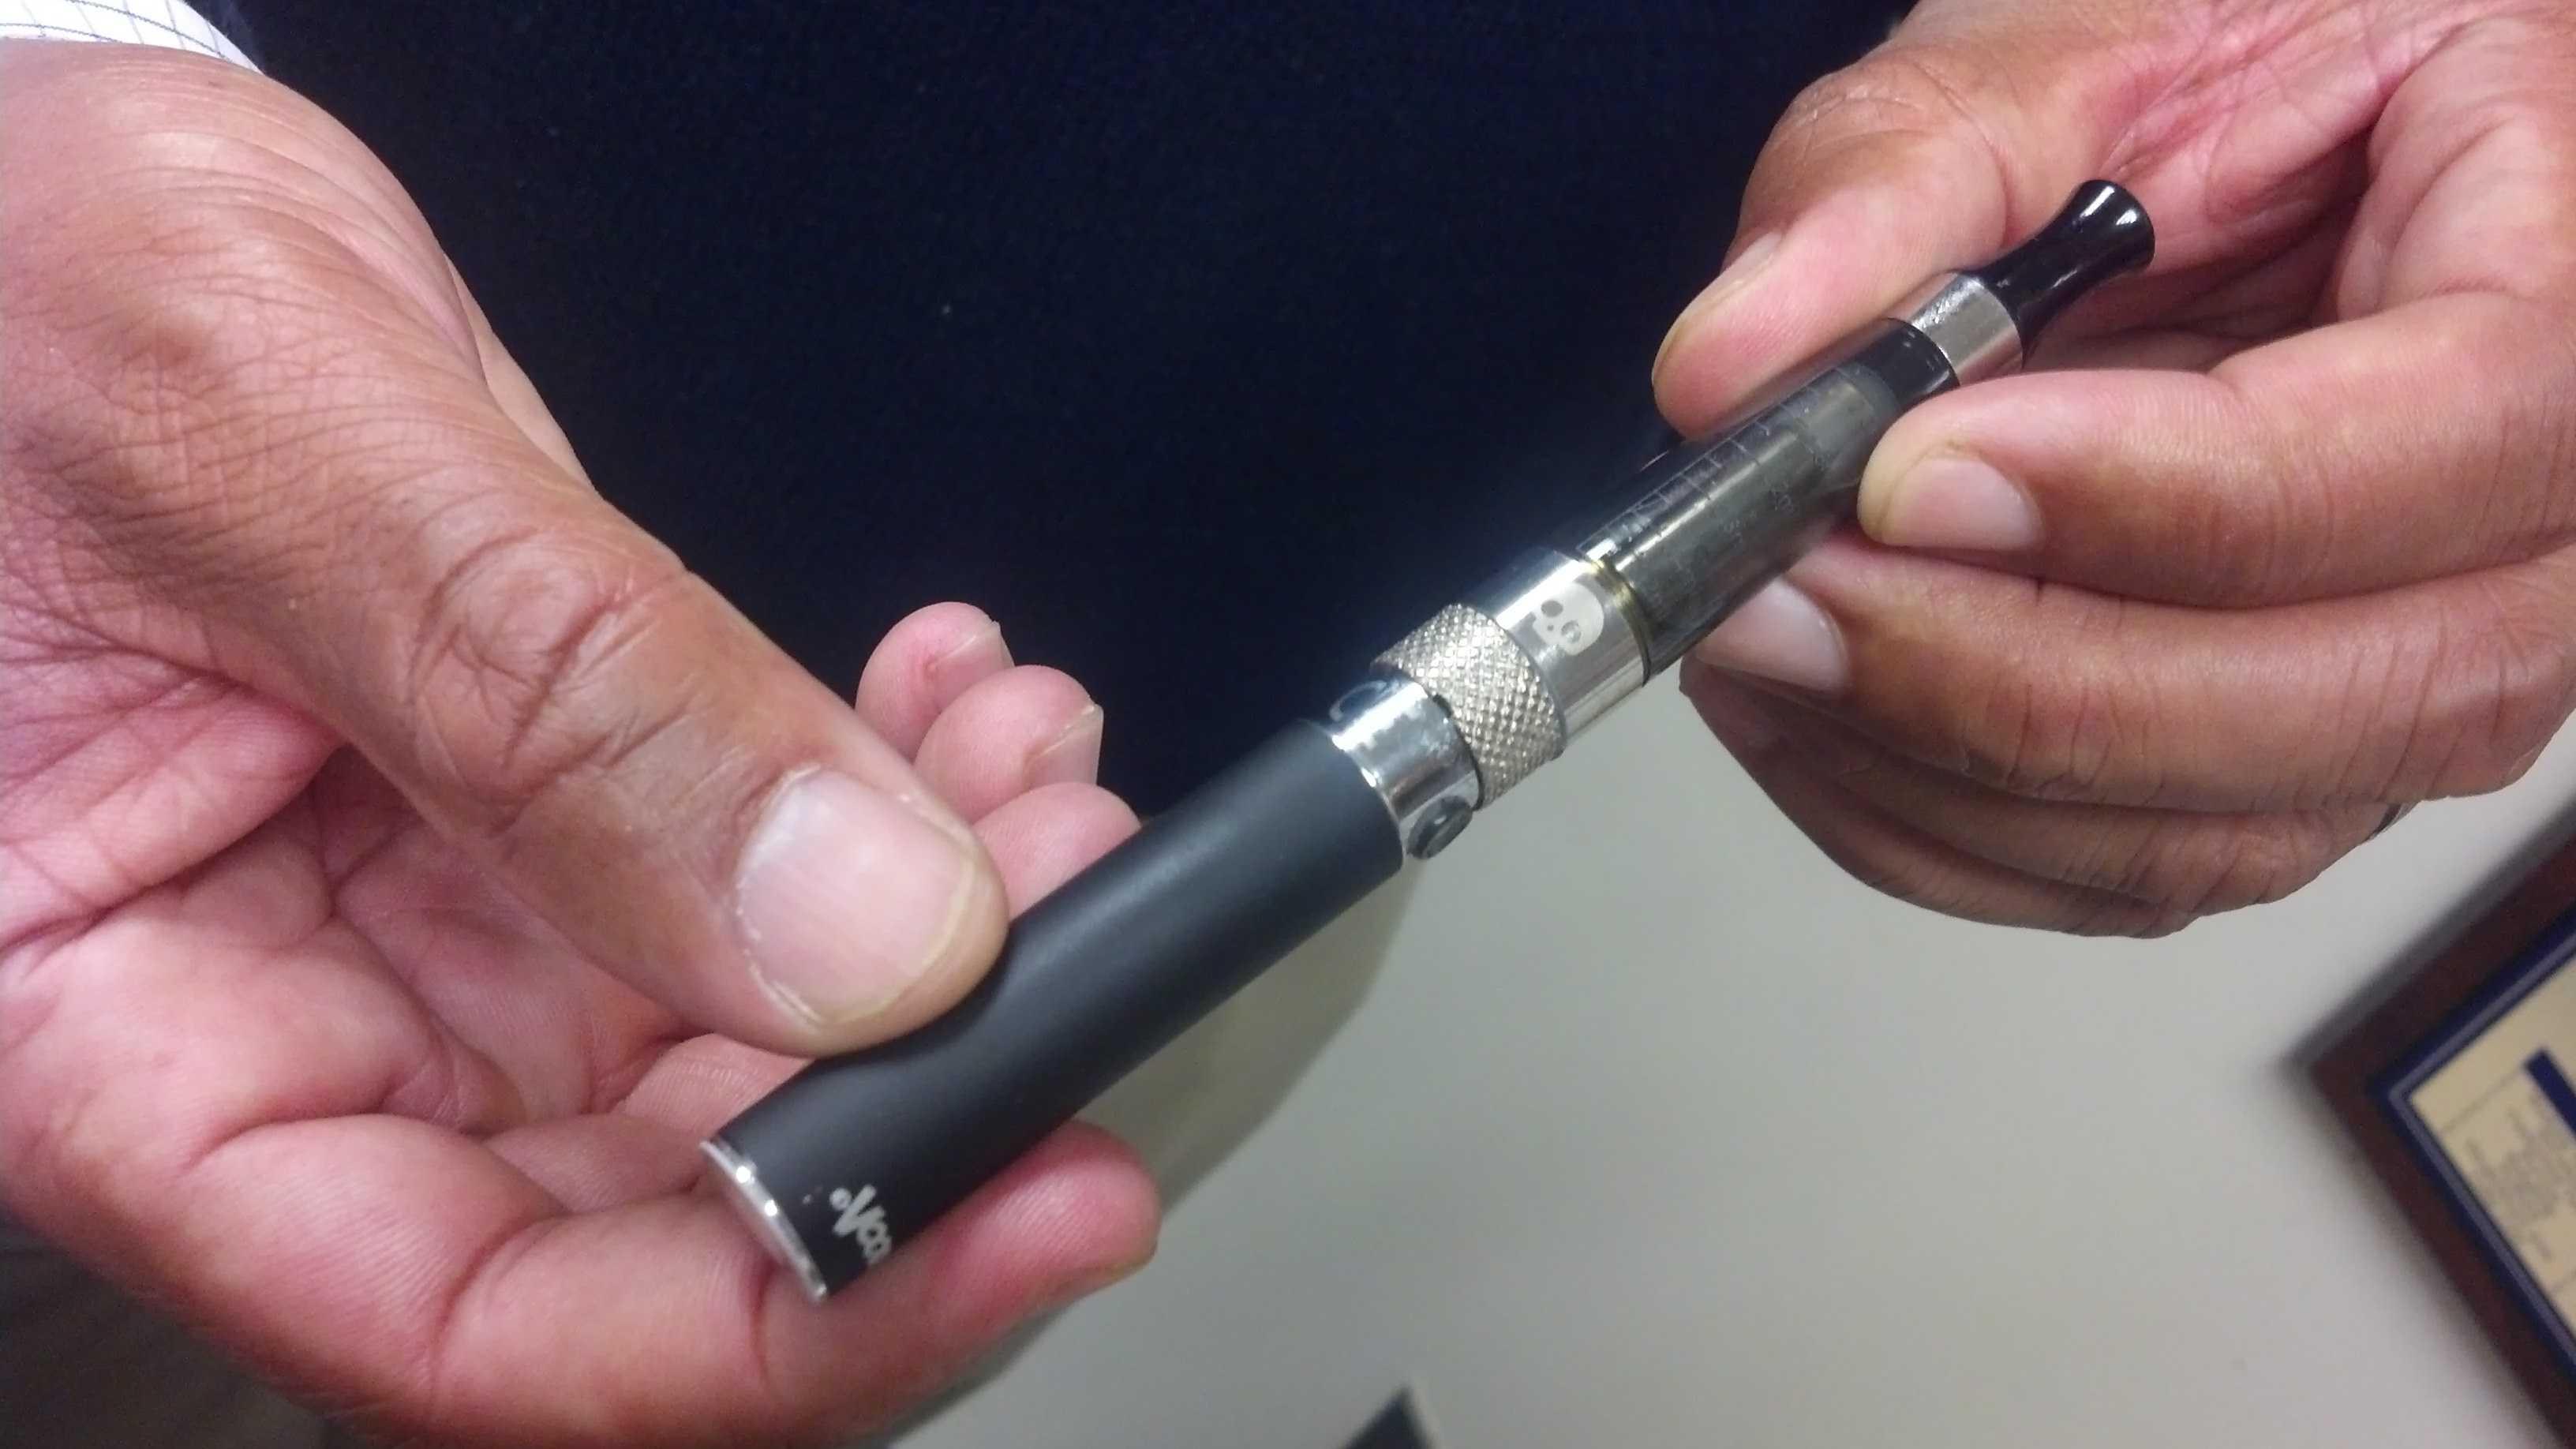 A smokeless pen.